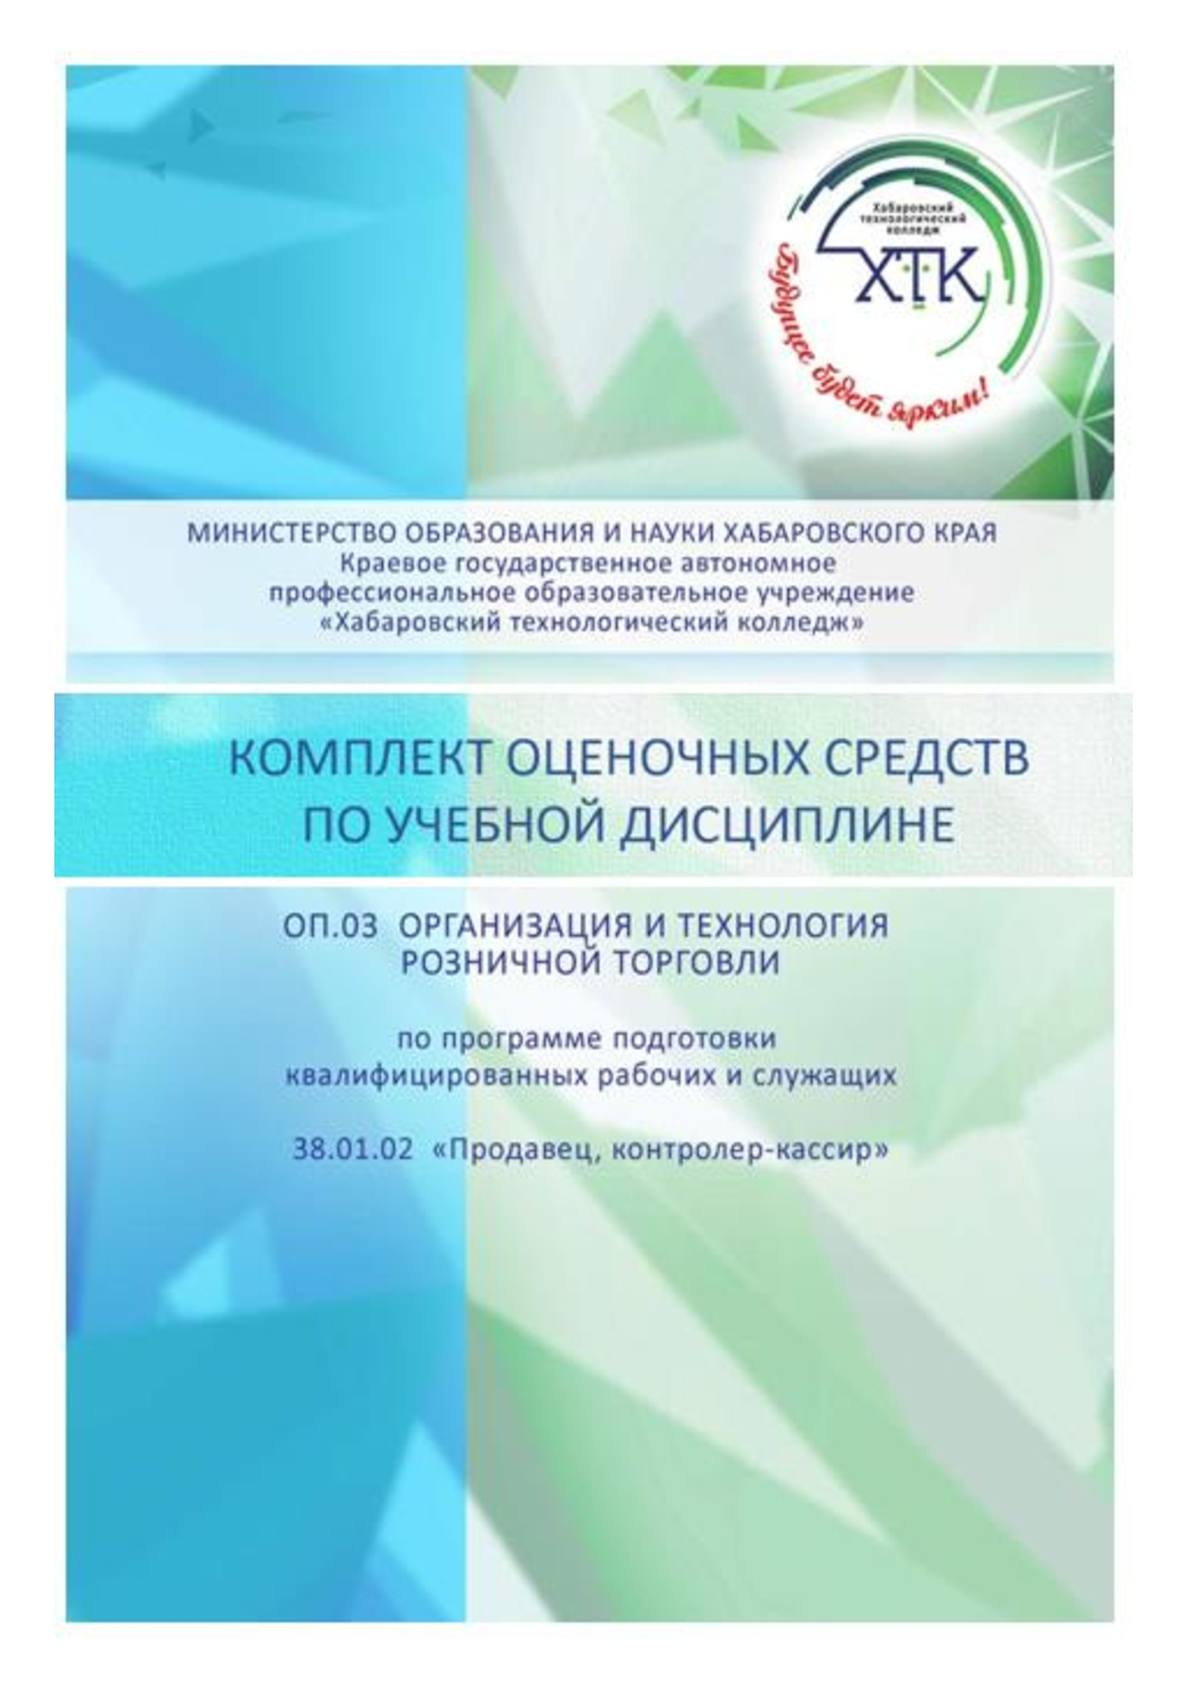 инструкция по охране труда для продавцов-кассиров 2013 образец